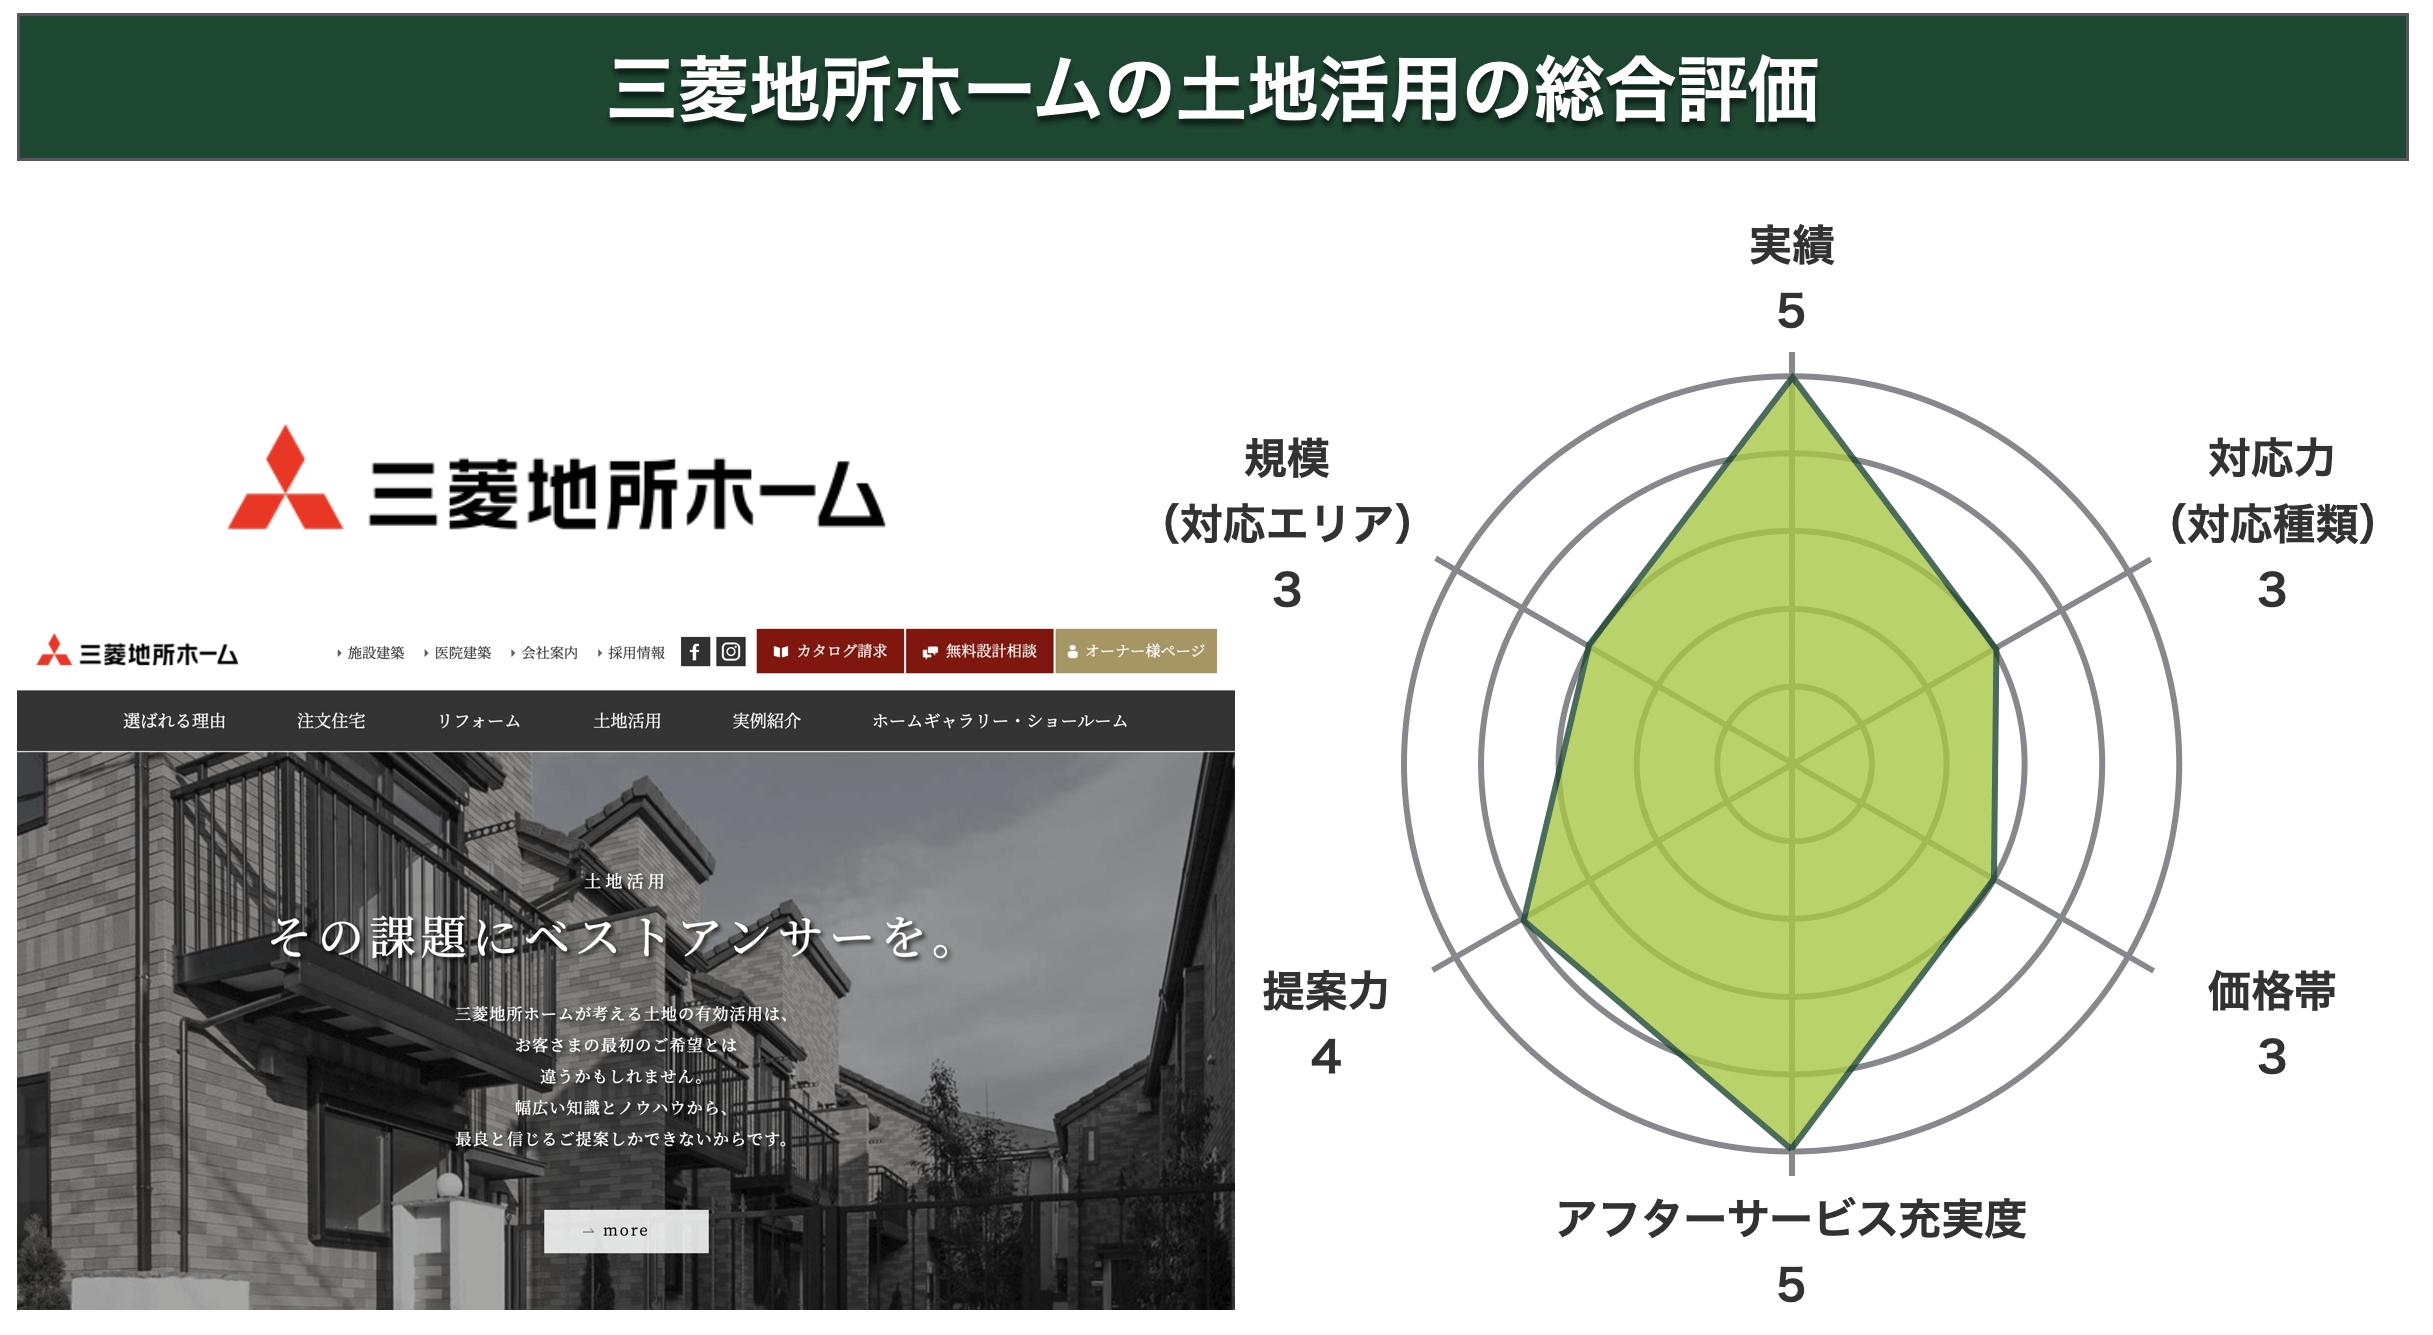 三菱地所ホームの土地活用の総合評価